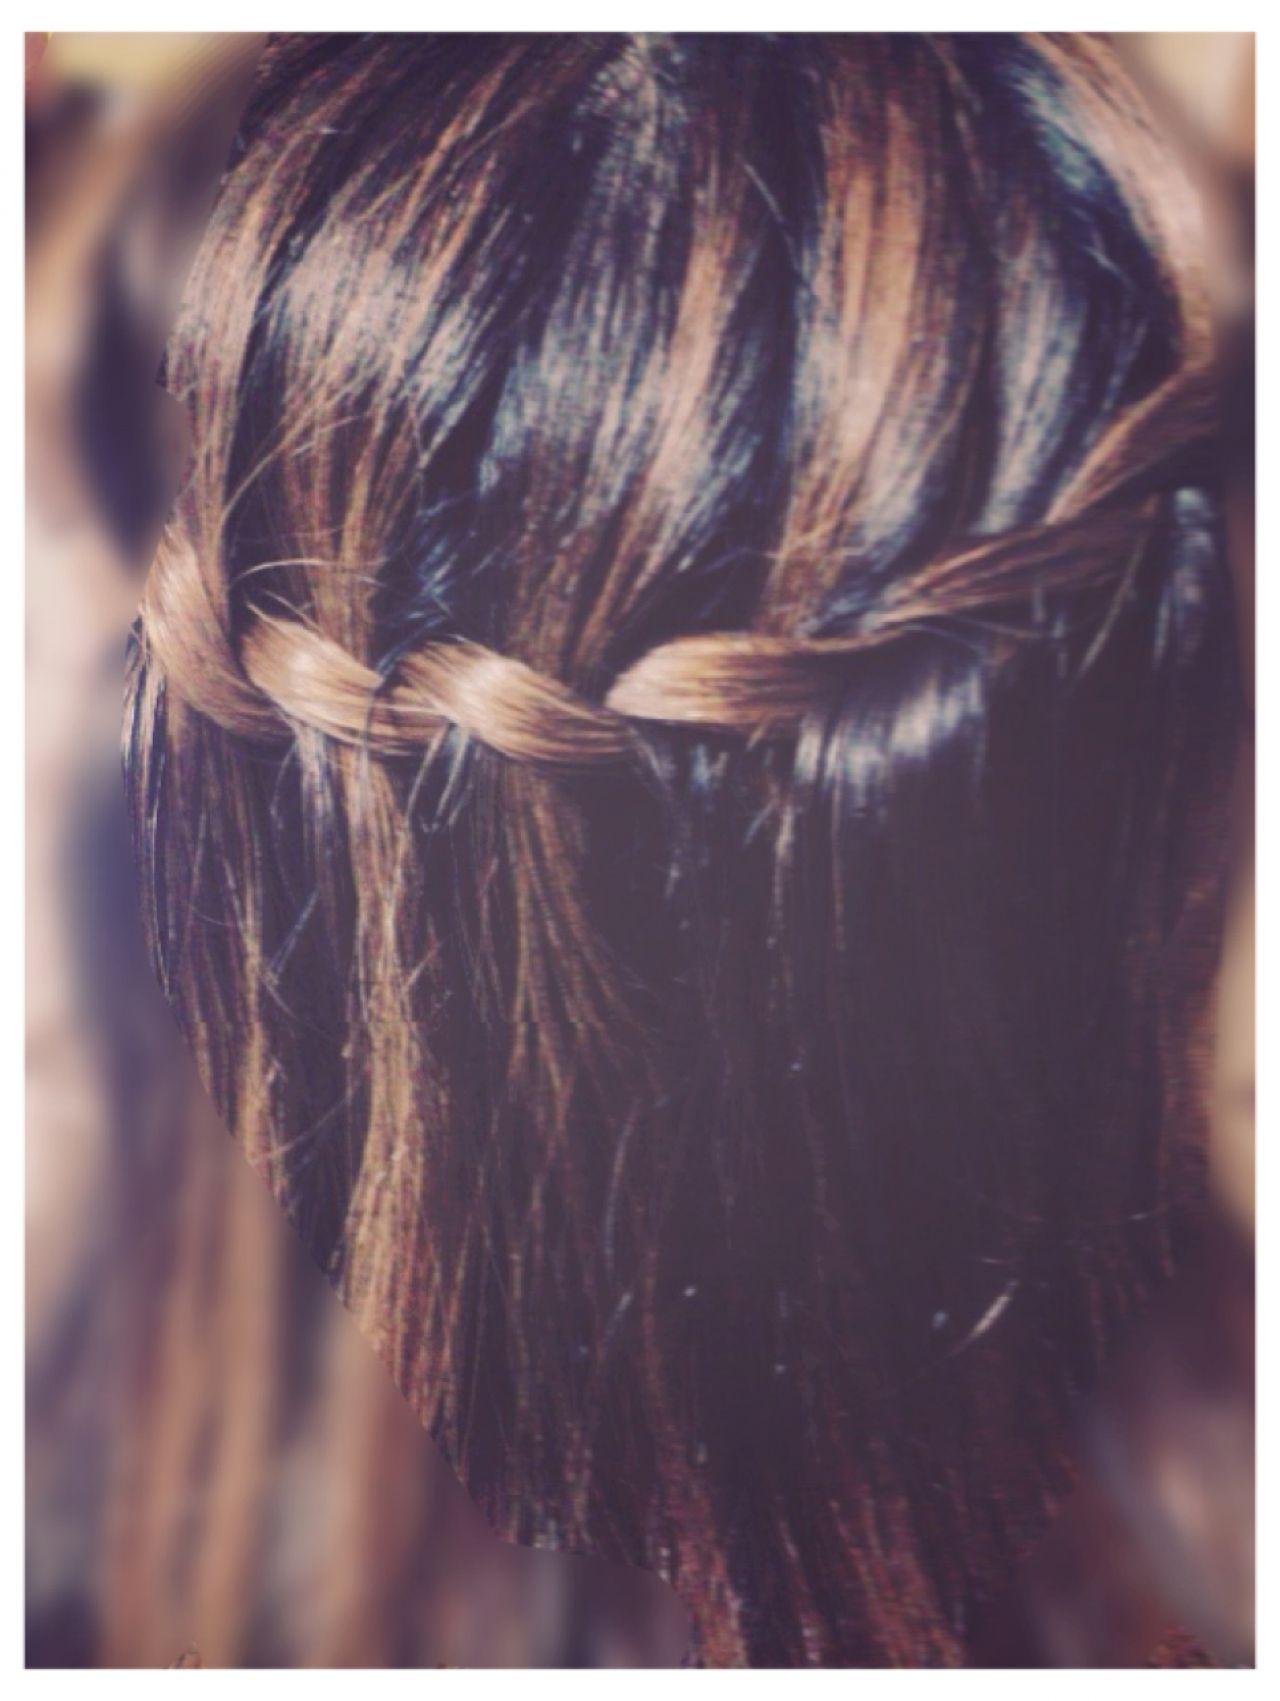 ヘアアレンジ セミロング 大人かわいい ウォーターフォール ヘアスタイルや髪型の写真・画像